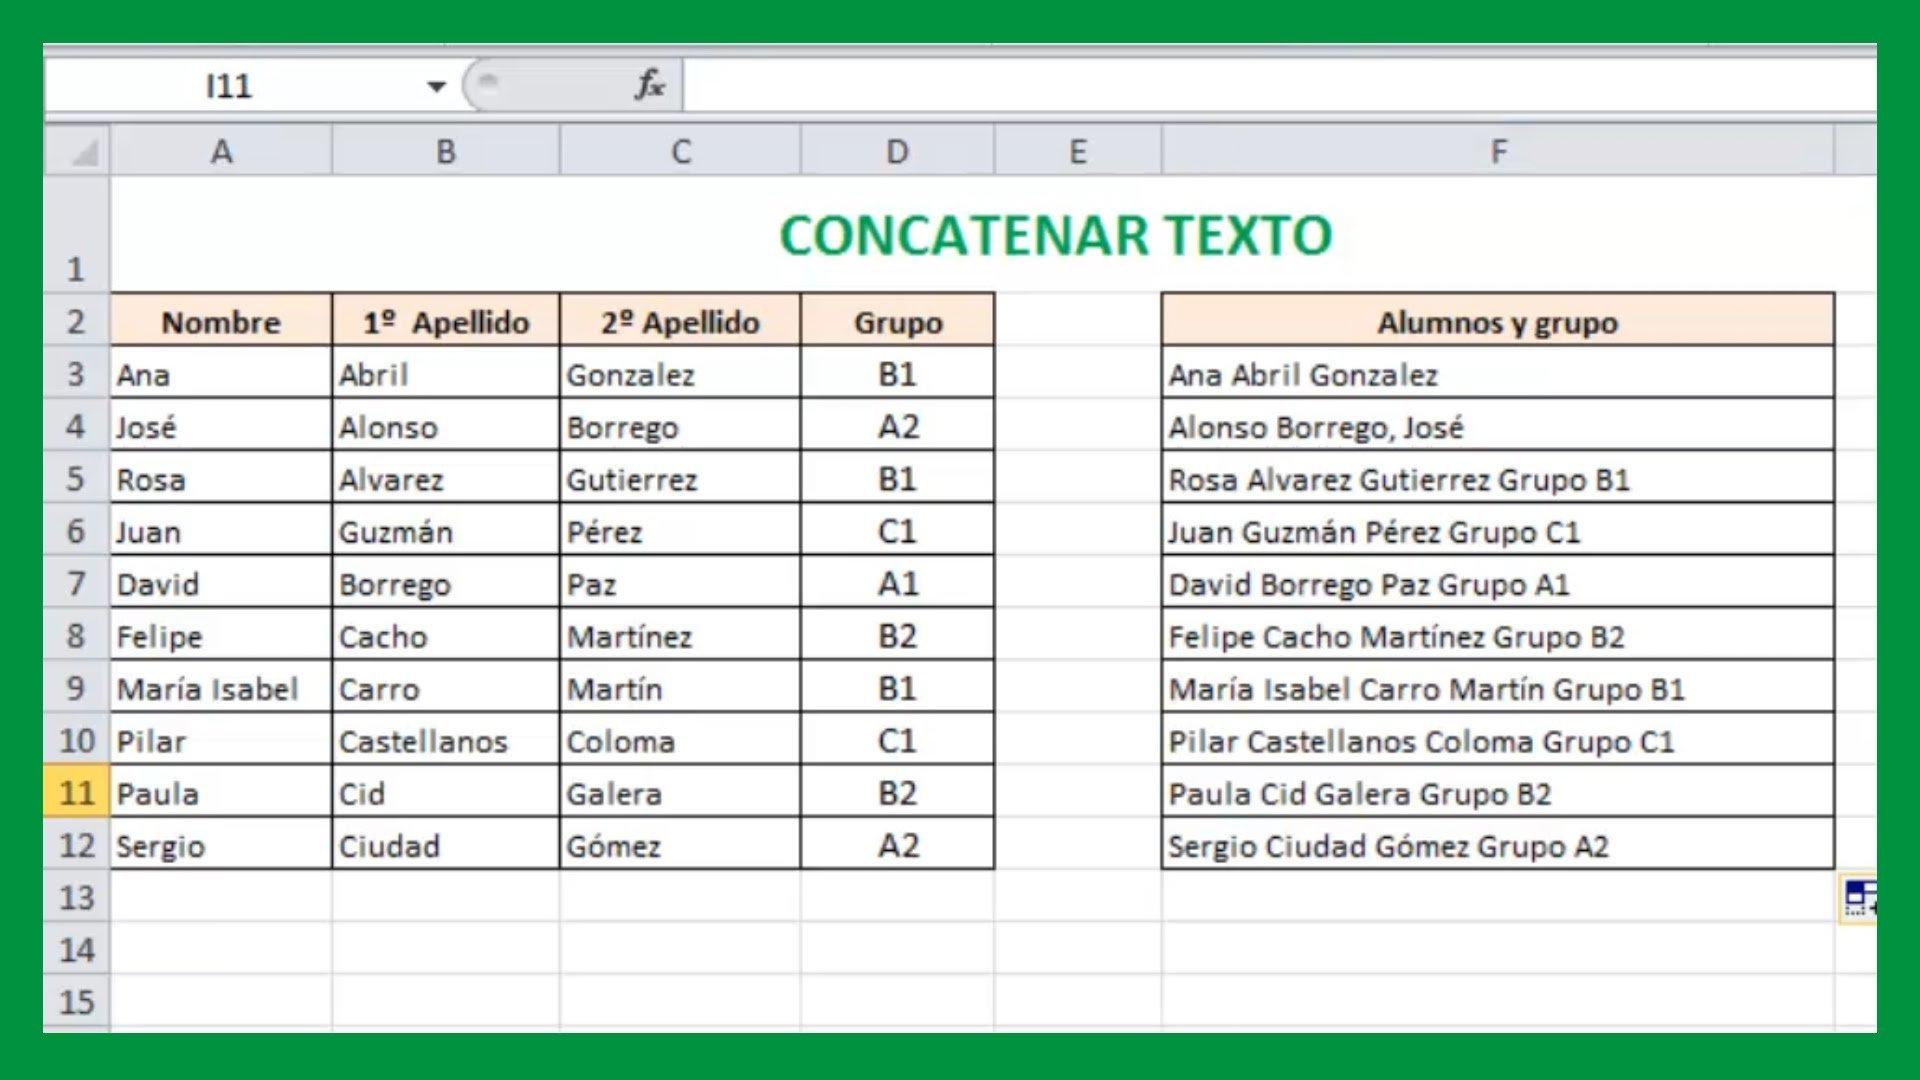 Excel – Concatenar texto. Unir textos de celdas en Excel.